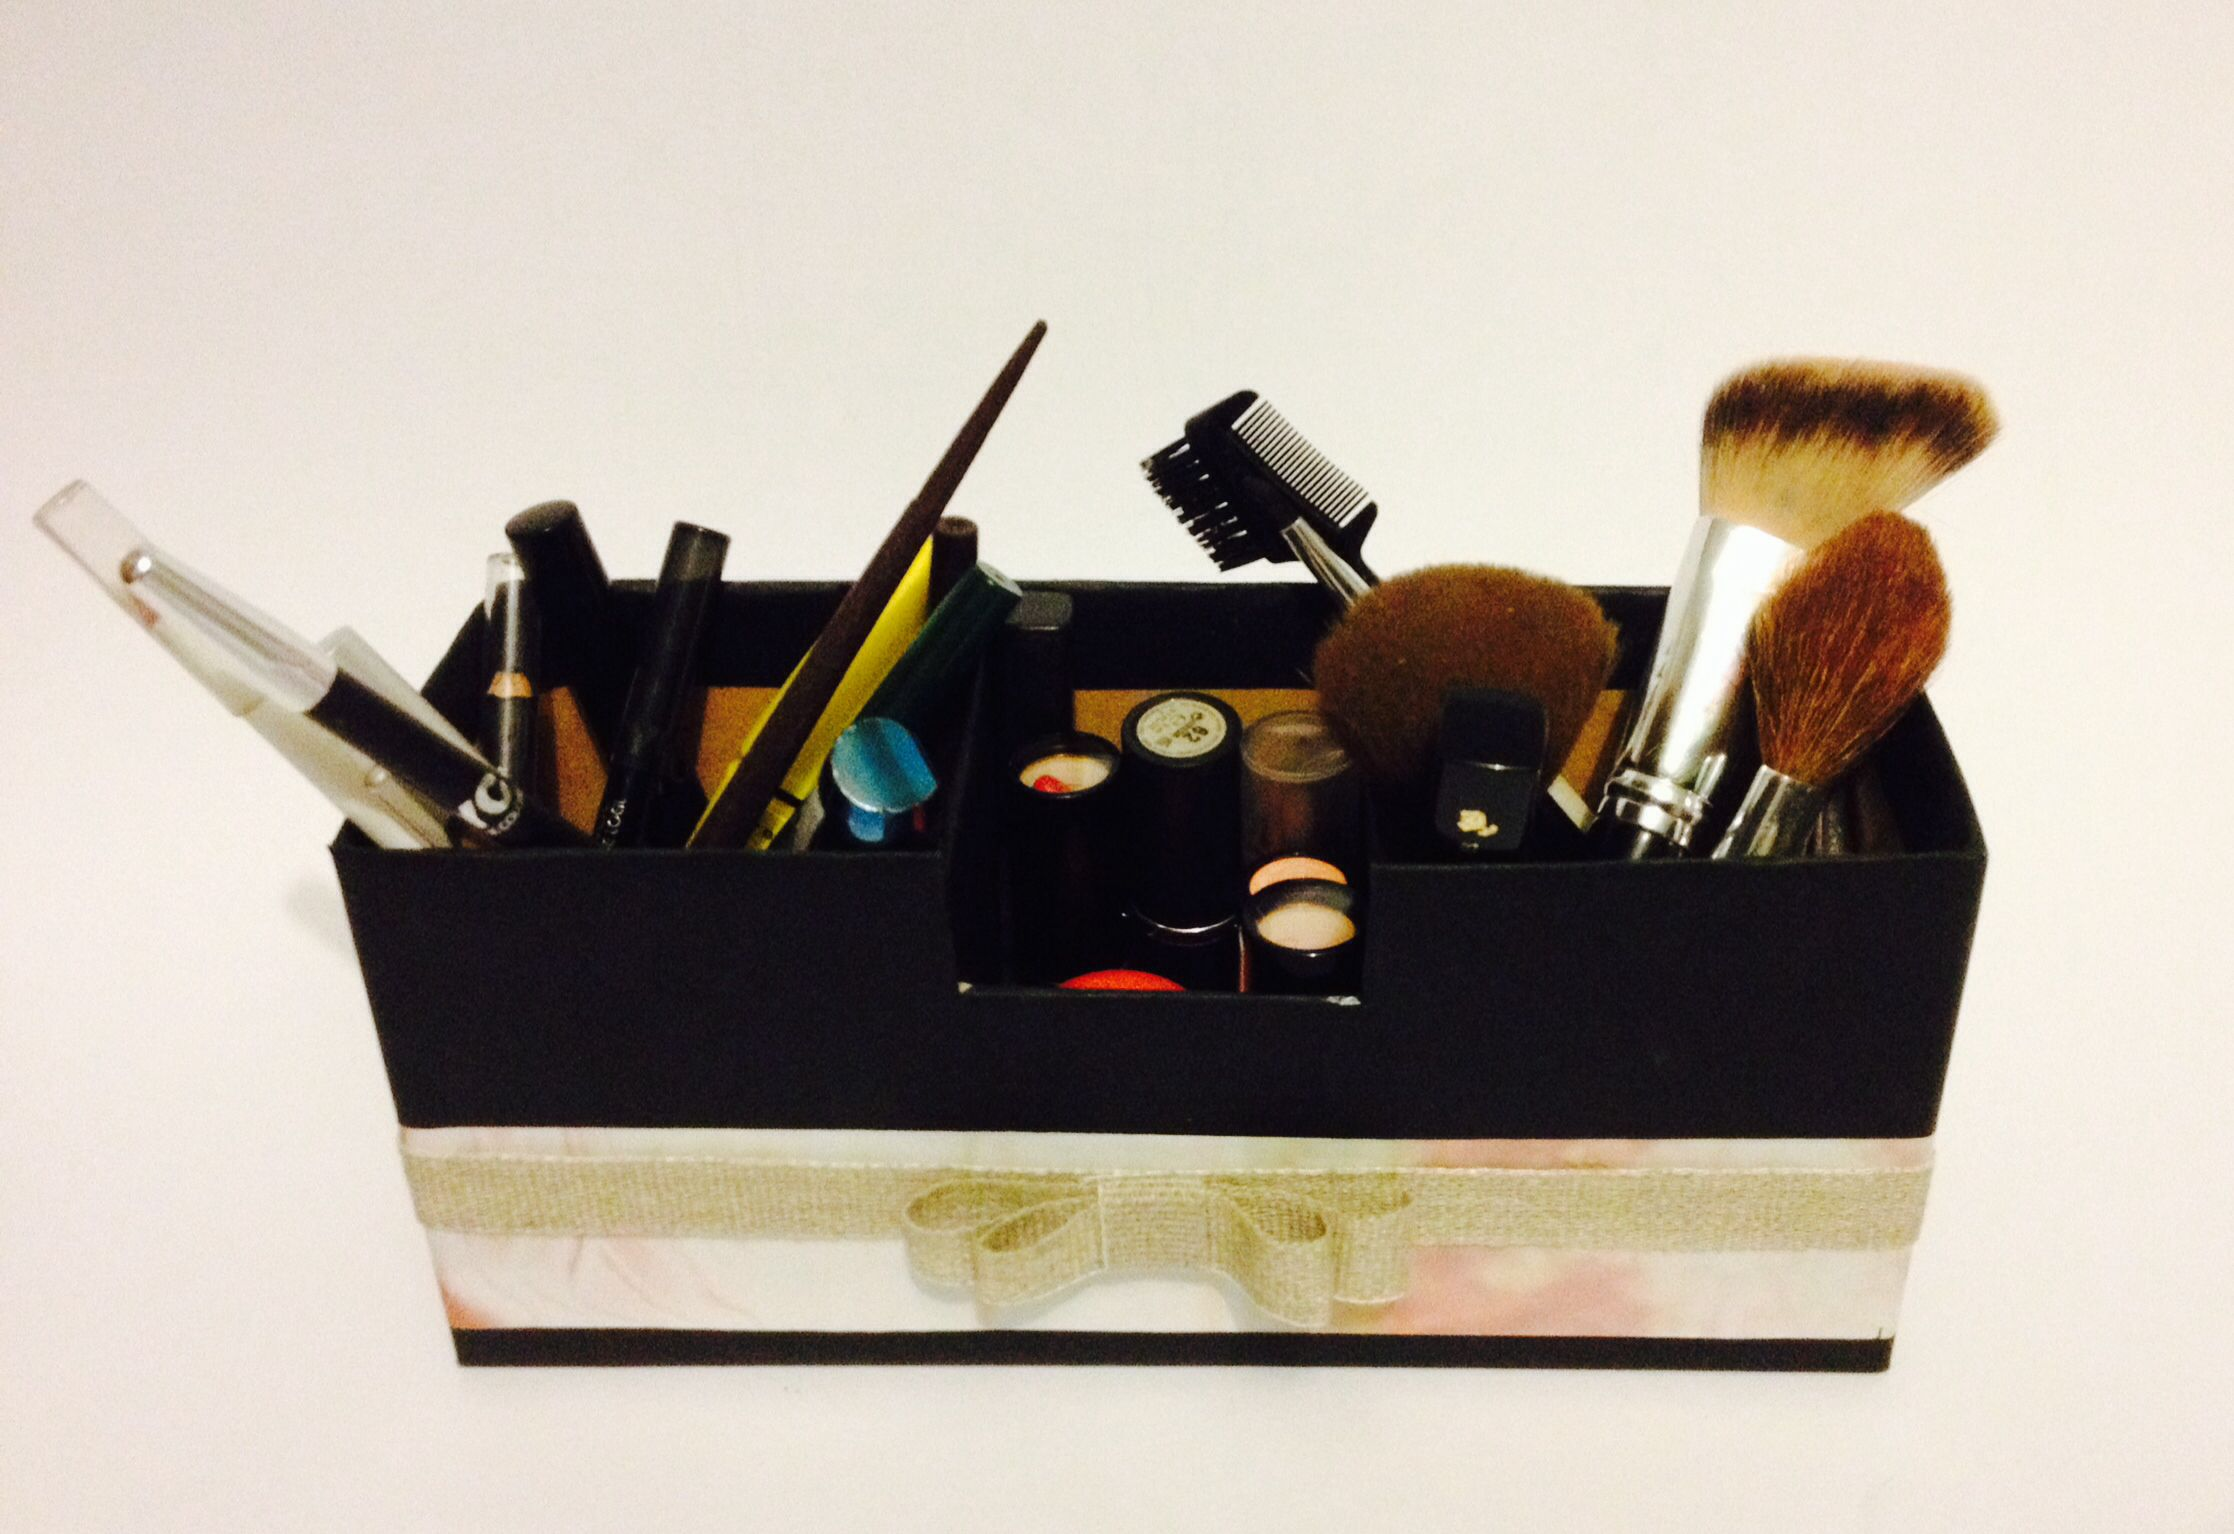 D.i.Y : boite à maquillage faite maison en 2h. ;) | Maquillage fait maison, Boîte à maquillage ...